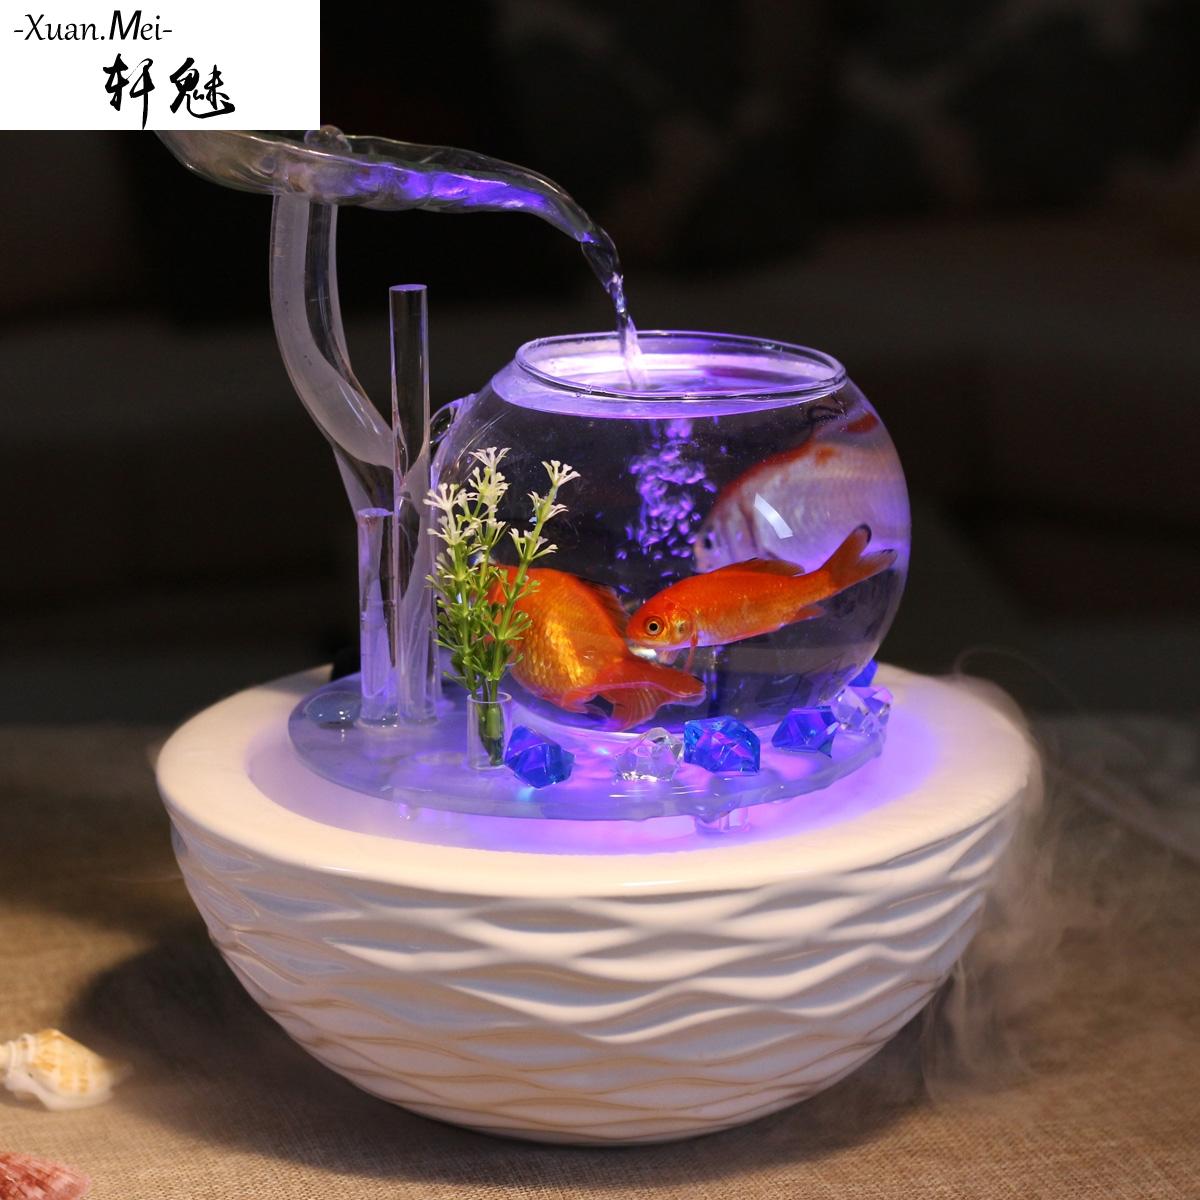 轩魅小鱼缸客厅流水族箱摆件装饰玻璃陶瓷办公桌面迷你圆形创意斗,可领取100元天猫优惠券